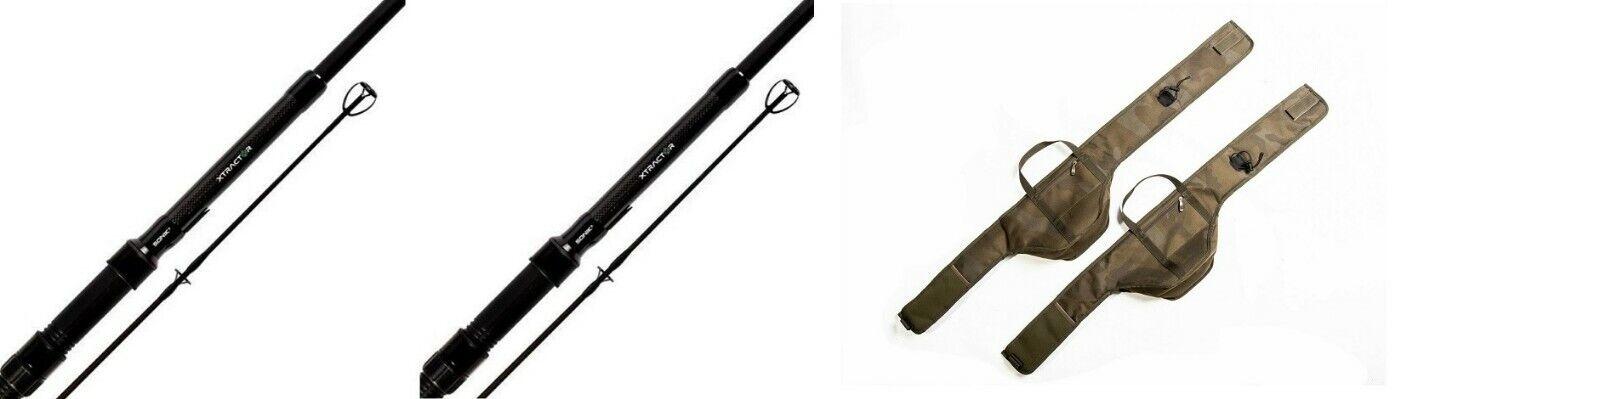 2 X Sonik XTRACTOR Carp Rods 9FT 3LB  + Xtractor Rod Sleeves